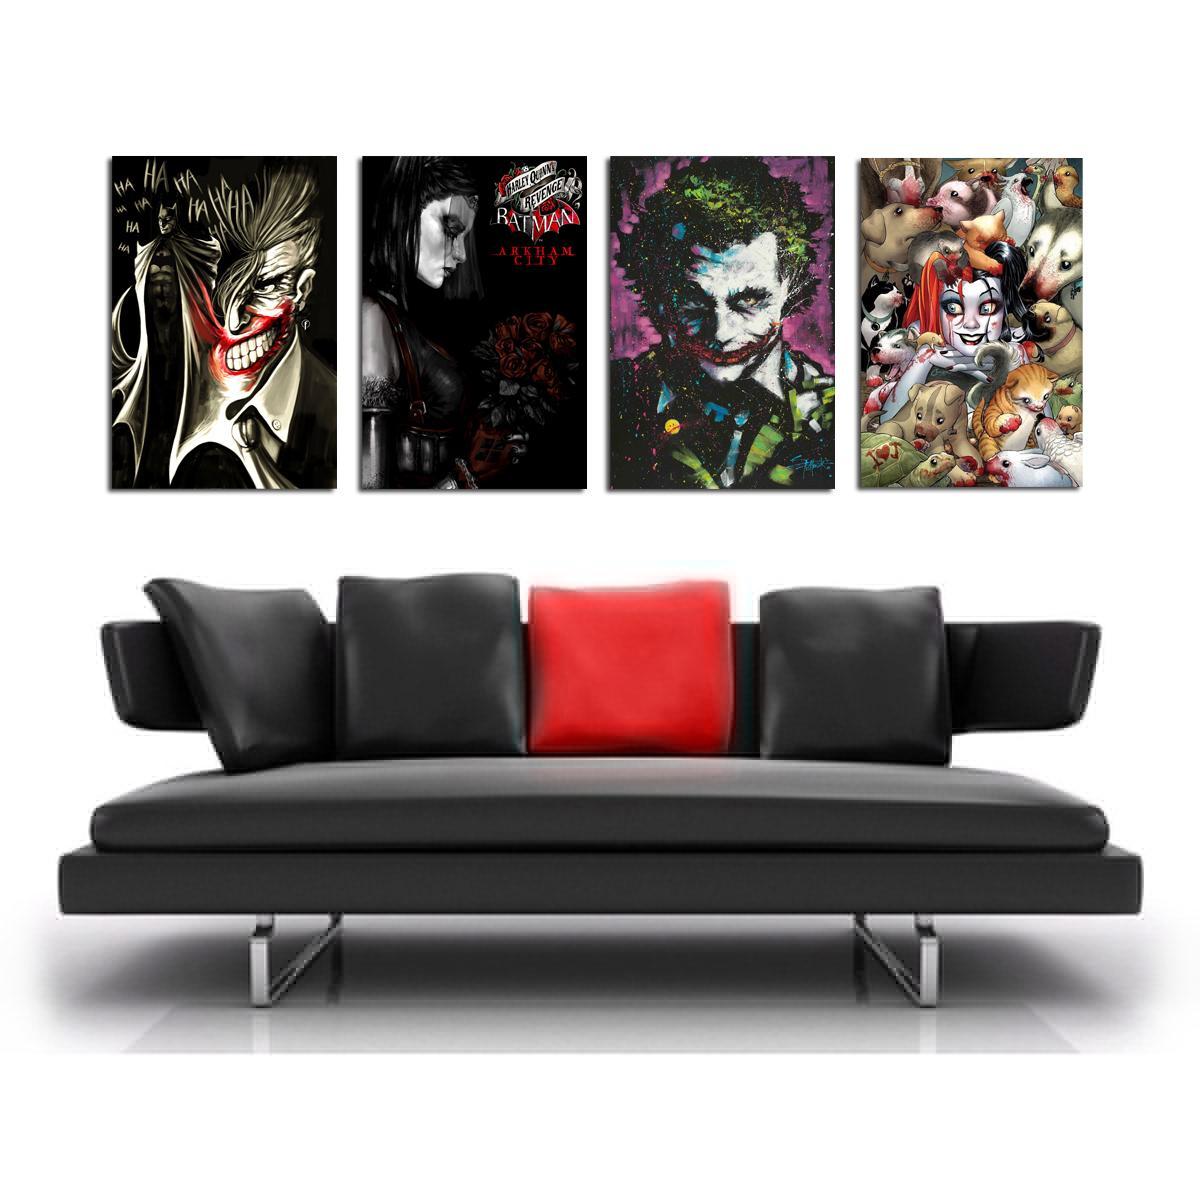 Batman joker Harley Quinn -3,4 Pieces Canvas Prints Wall Art Oil Painting Home Decor (Unframed/Framed)